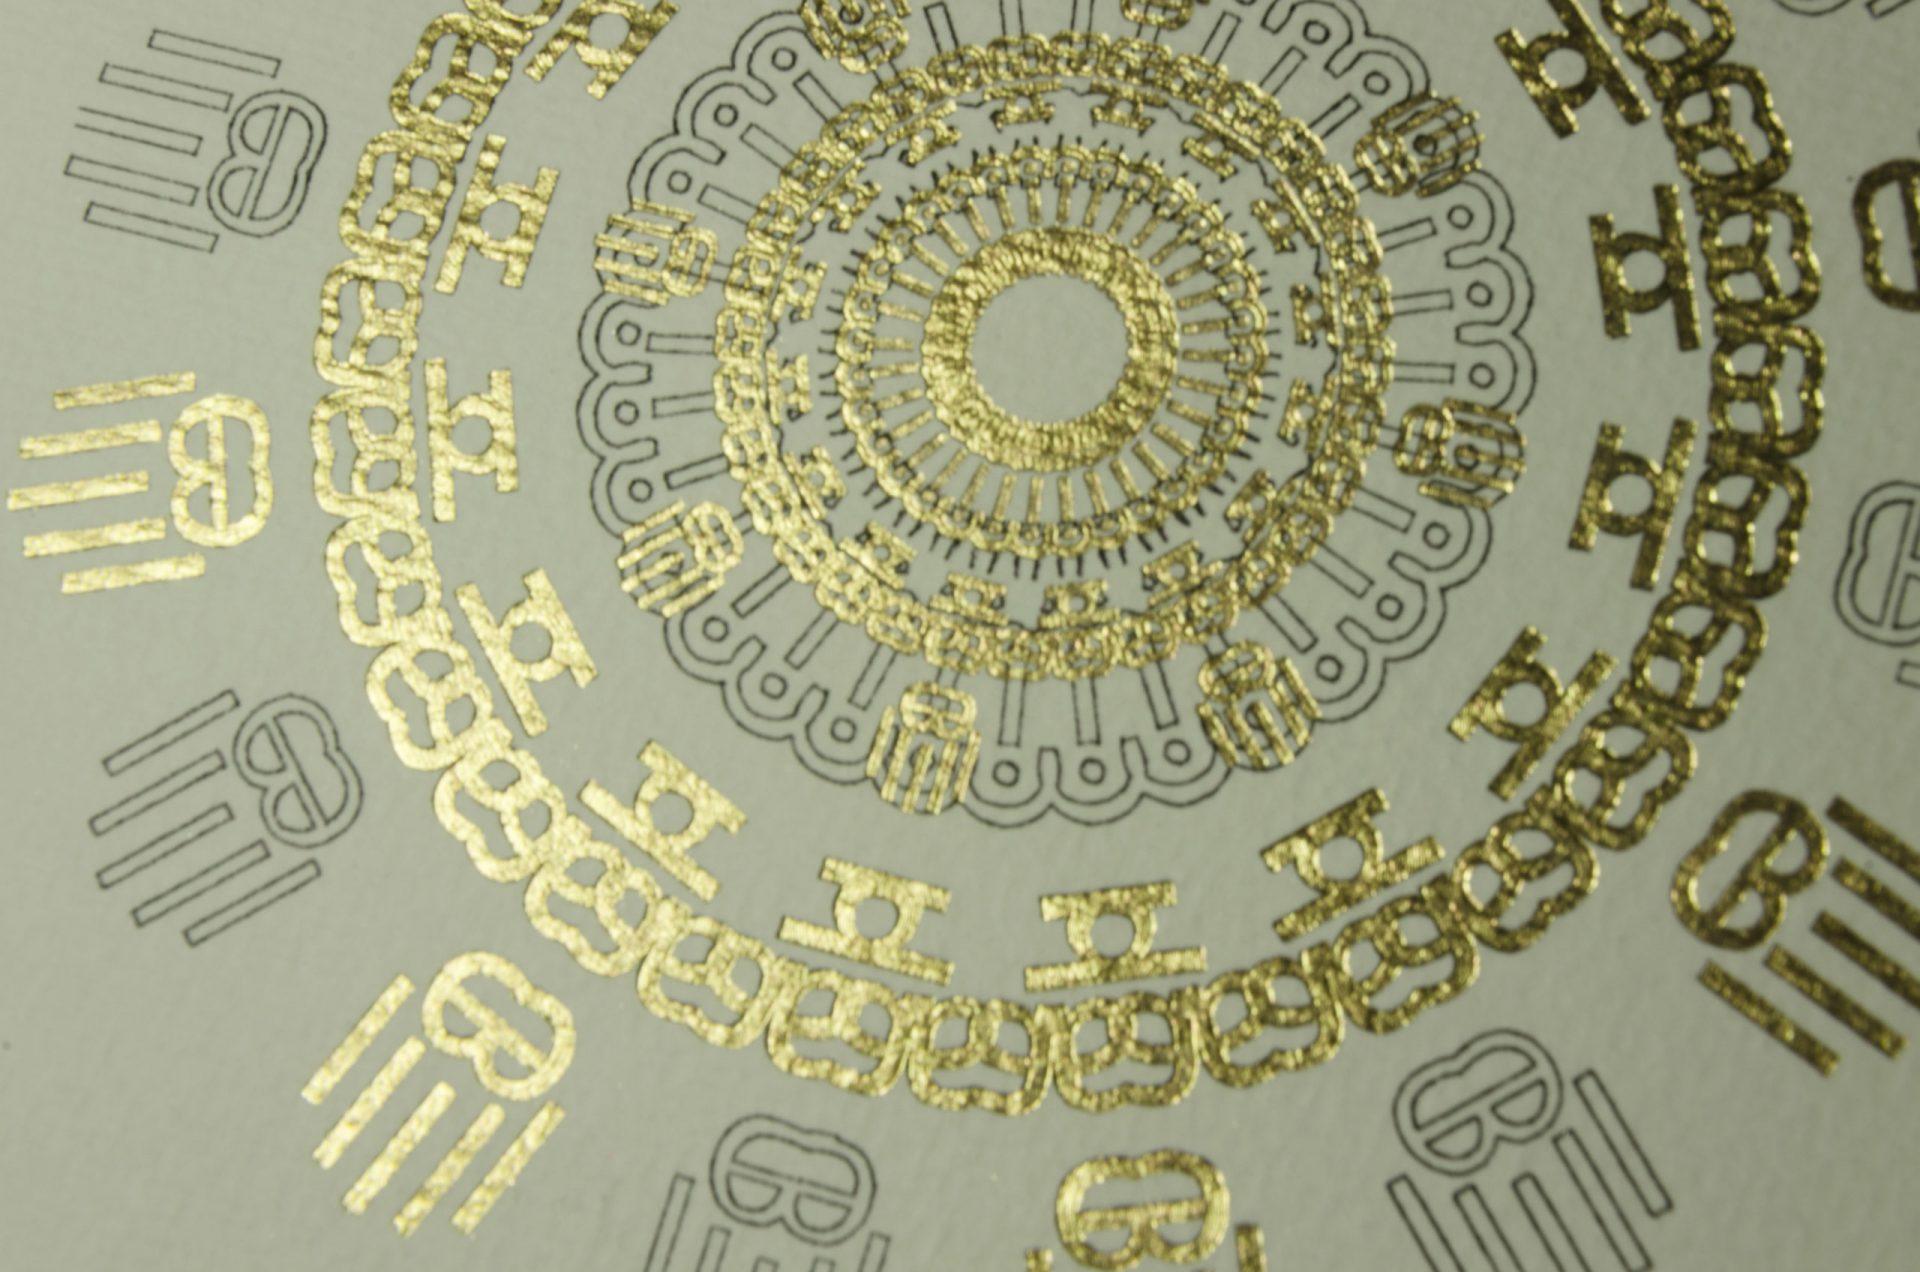 namandala Michael // gold //schwarz. YOUNIVERSES Atelier für achtsames & spirituelles Design, Herdwangen-Schönach, Pfullendorf, Sigmaringen, Überlingen. Womenhood. Weiblichkeit. Female empowerment.